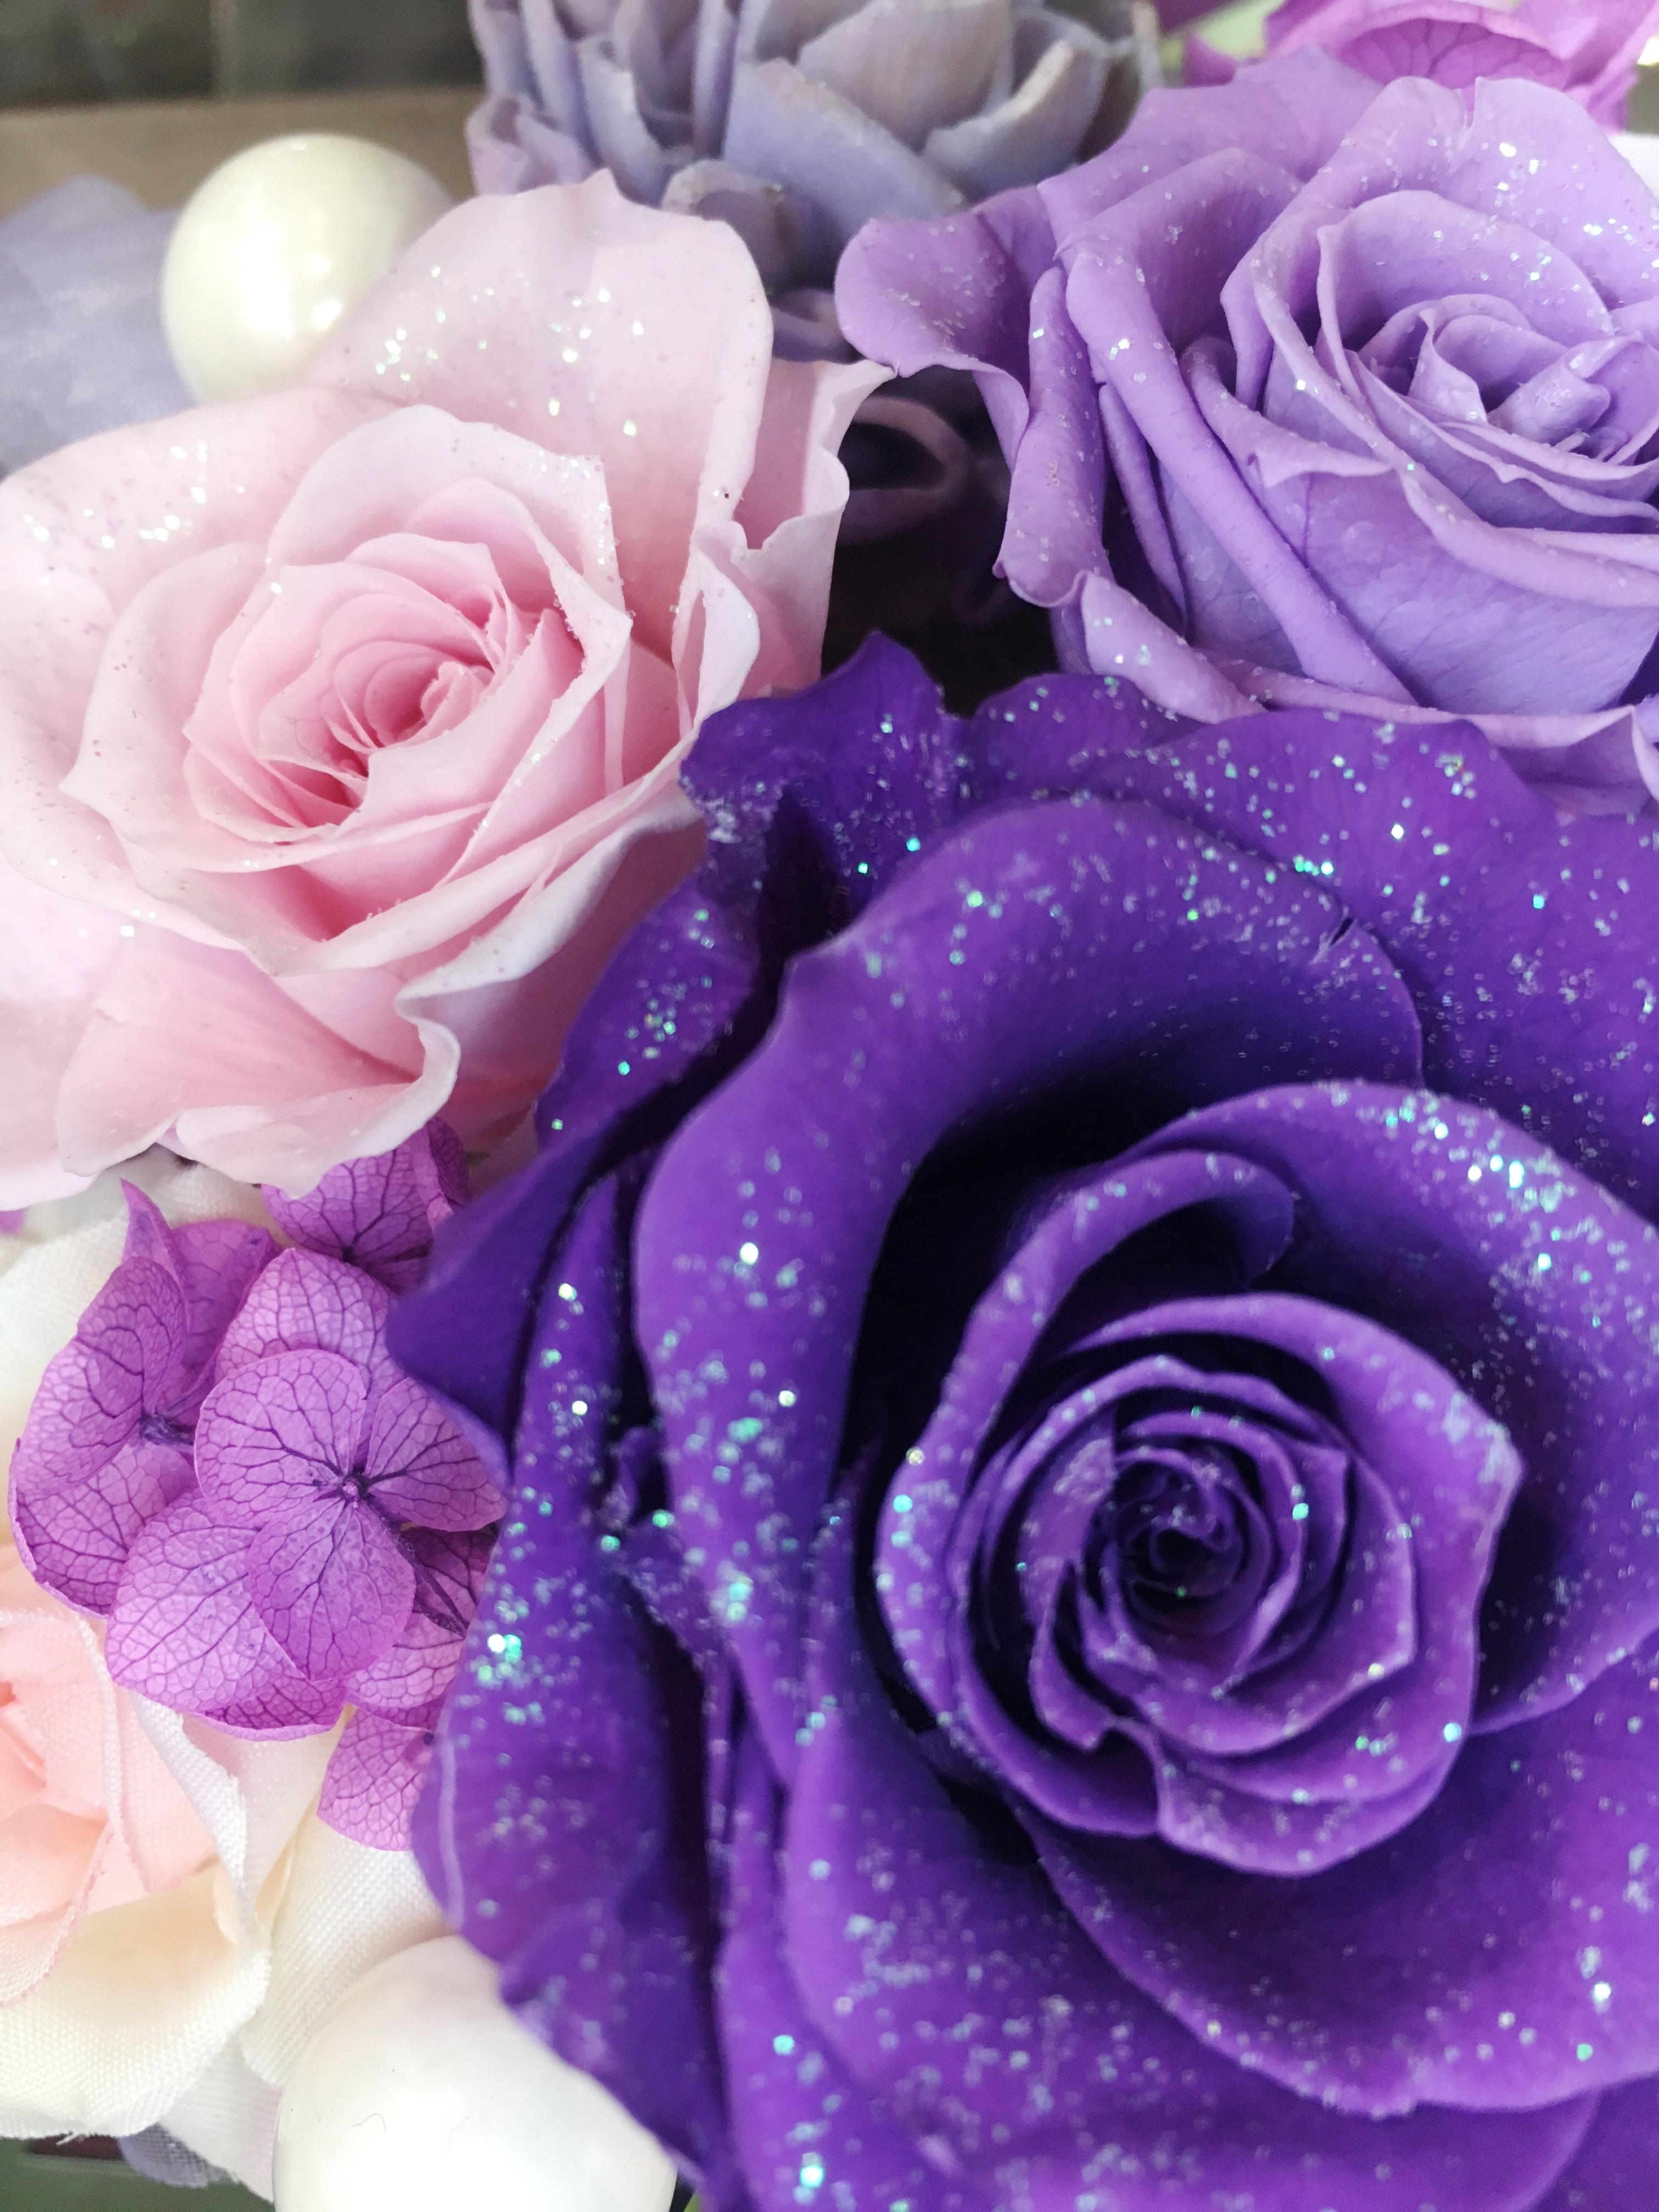 横浜市神奈川区へスタンド花を即日配達しました!【横浜花屋の花束・スタンド花・胡蝶蘭・バルーン・アレンジメント配達事例298】